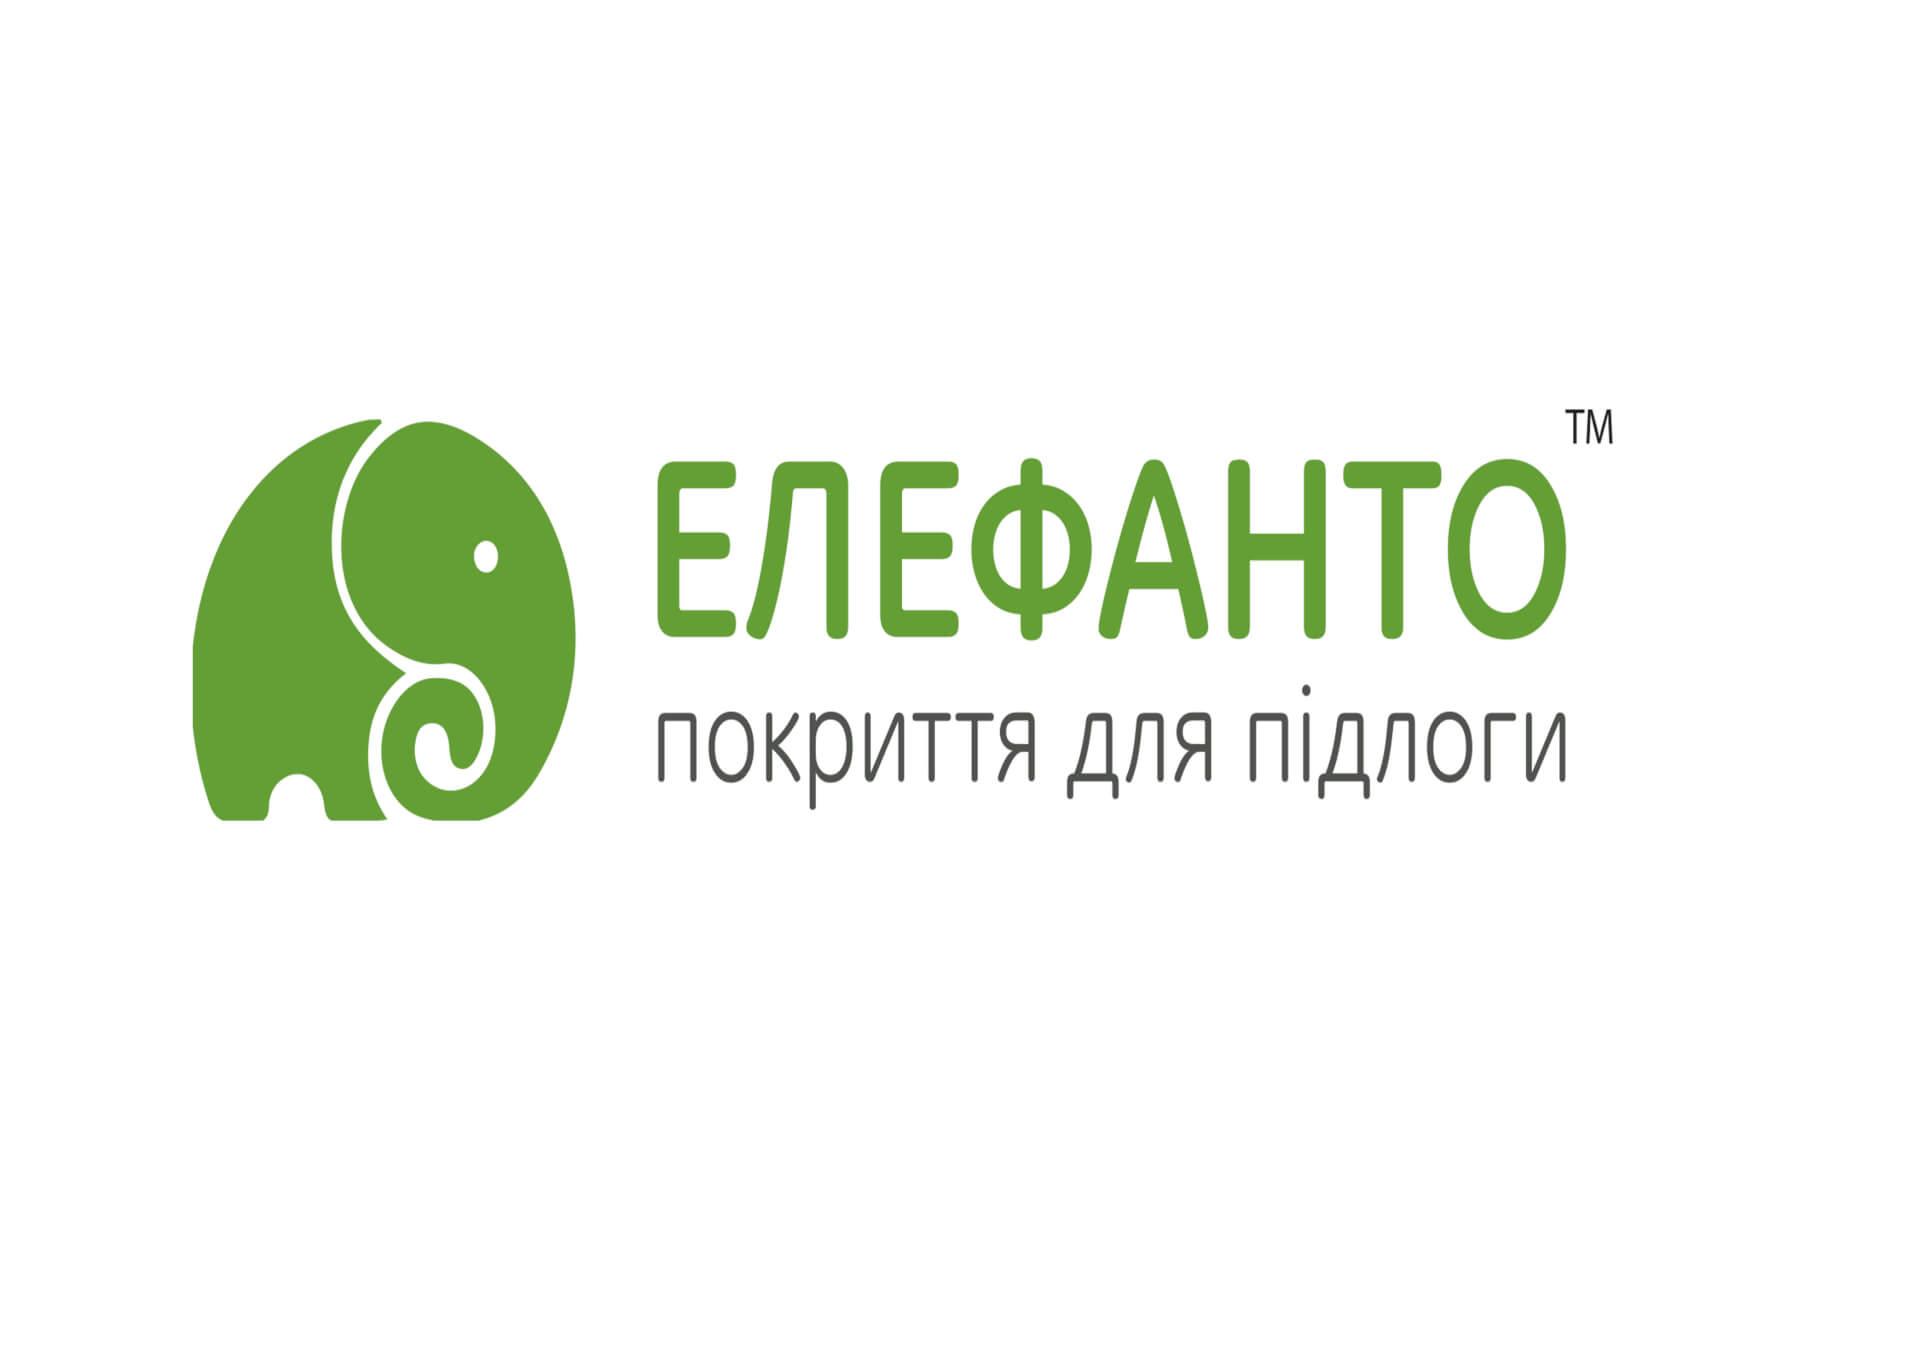 elephanto_logo